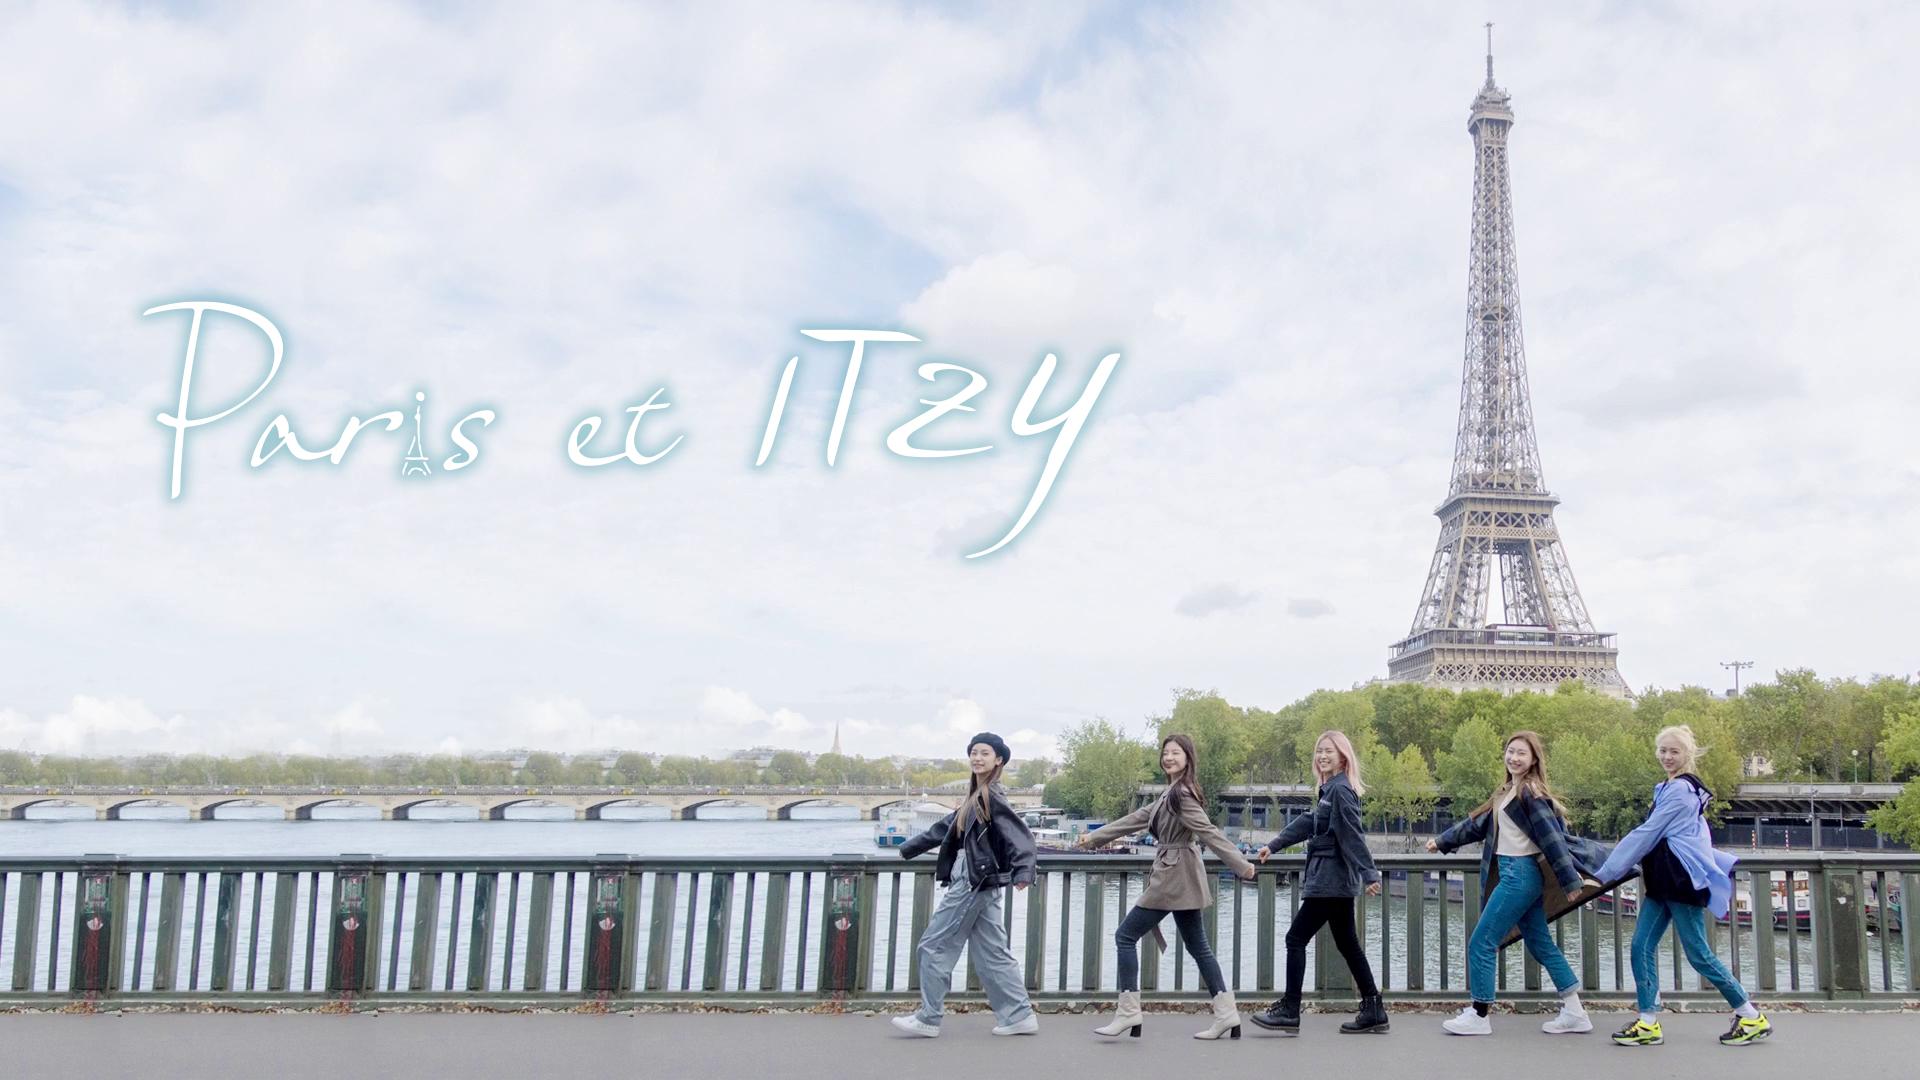 人気ガールズグループITZYがフランス・パリで 100時間のロマン旅行をする初単独リアリティ番組!  「Paris et ITZY」  2020年3月24 日 日本初放送決定!